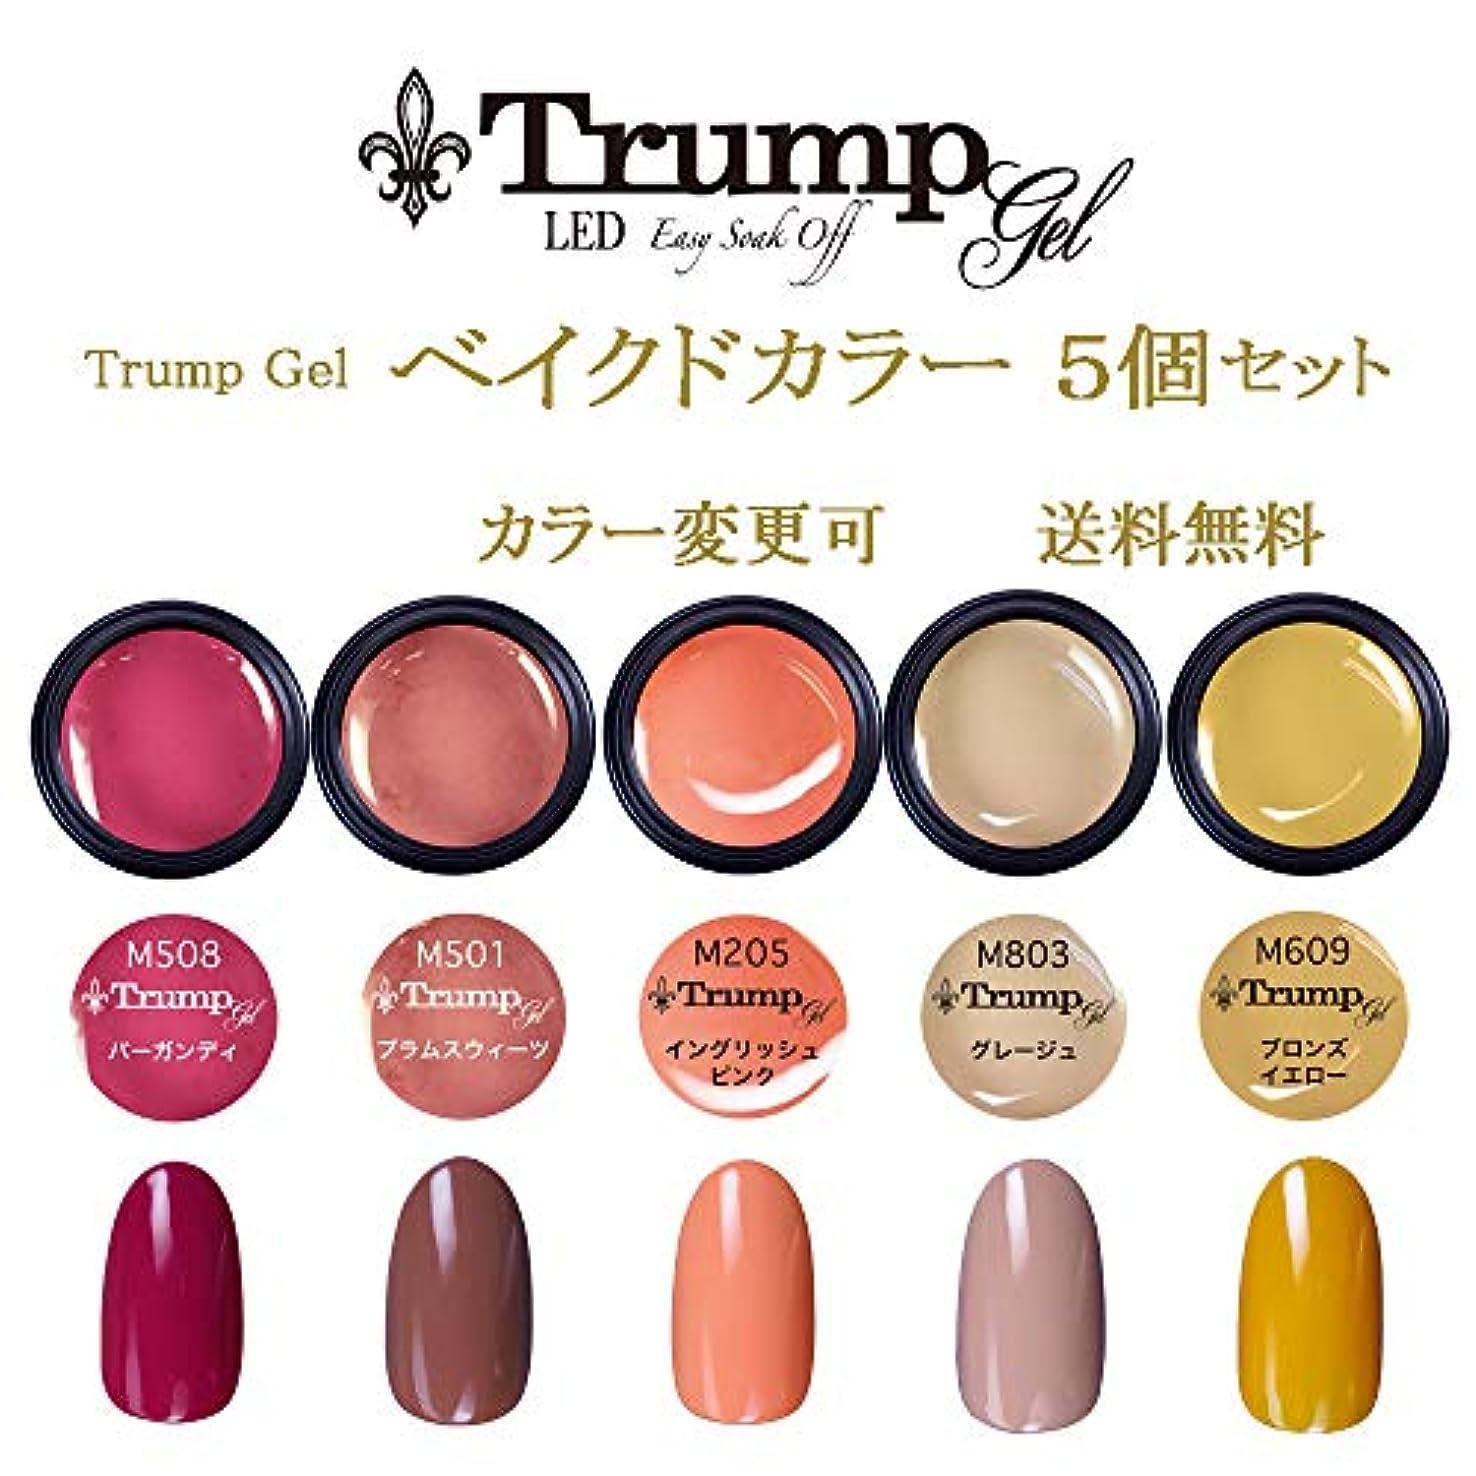 ぶら下がる読書をする男性【送料無料】日本製 Trump gel トランプジェル ベイクドカラー 選べる カラージェル 5個セット ミルキーネイル ベージュ オレンジ カラー